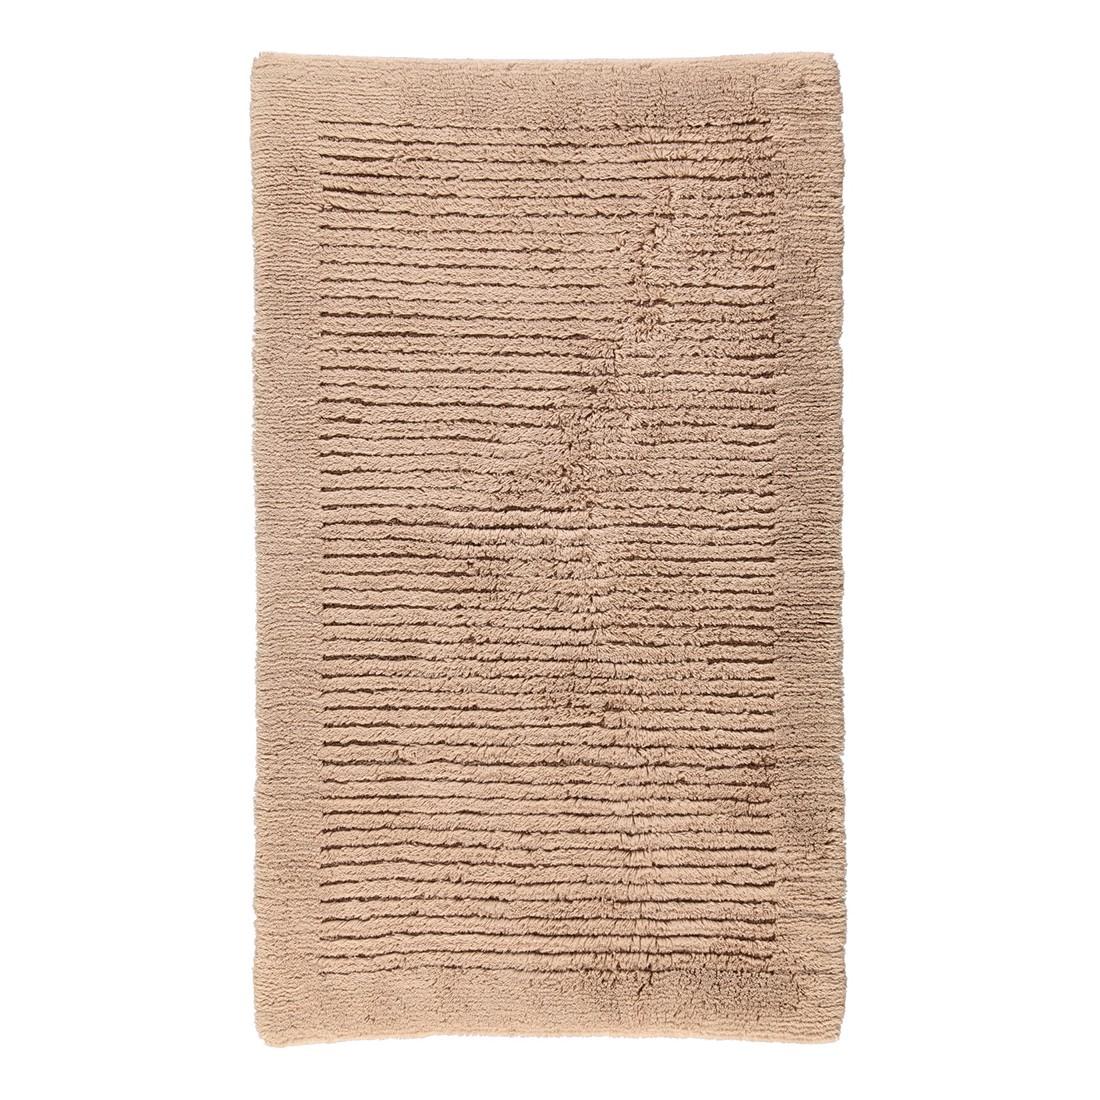 Badteppich Luxus 1002 - 100% Baumwolle Sand - 375 - Abmessungen: 70 x 120 cm, Cawö